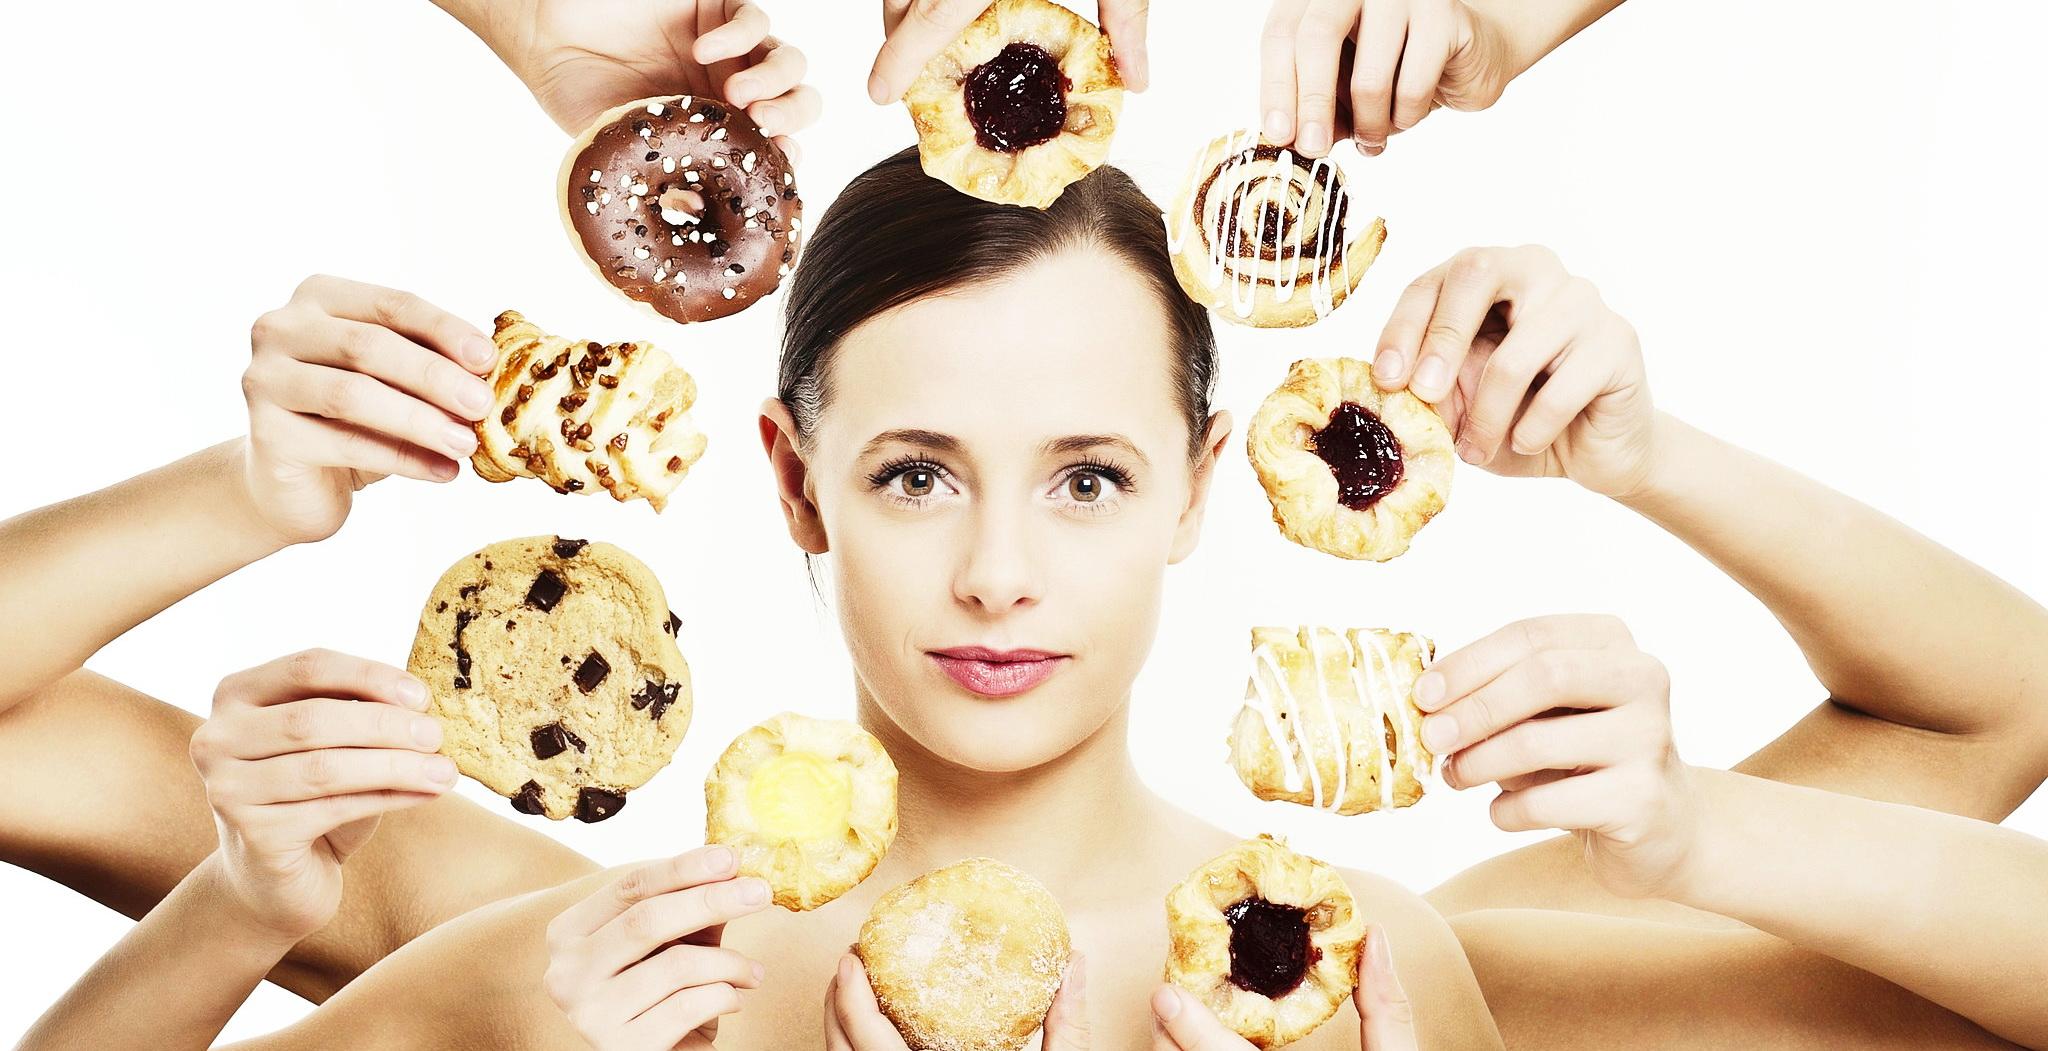 Всего один продукт поможет перестать есть сладкое и переедать Минус 5 кг за неделю легко рекомендации